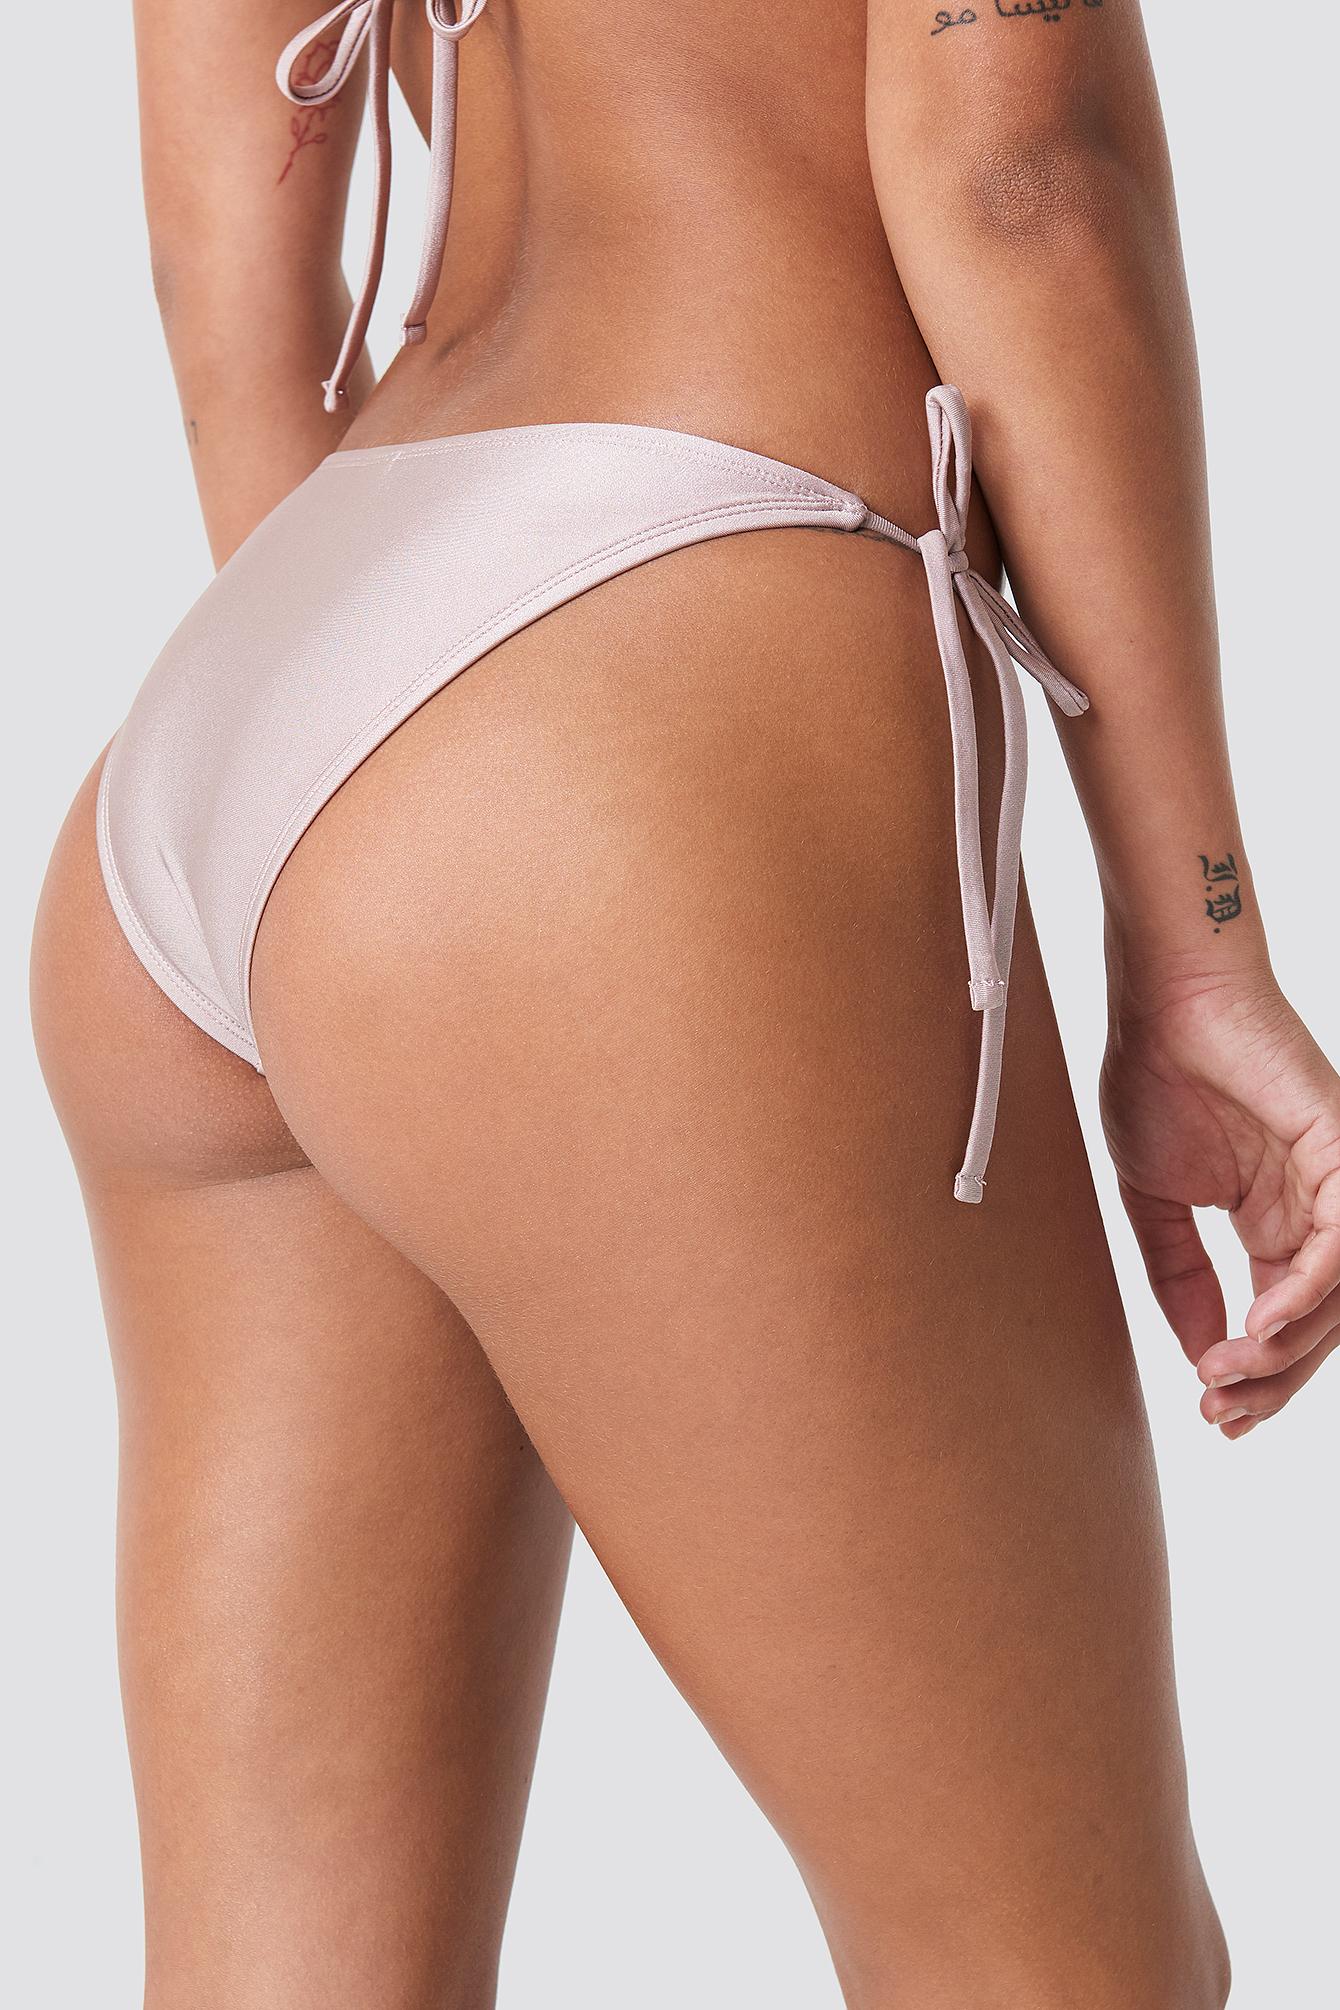 Shiny panty ass